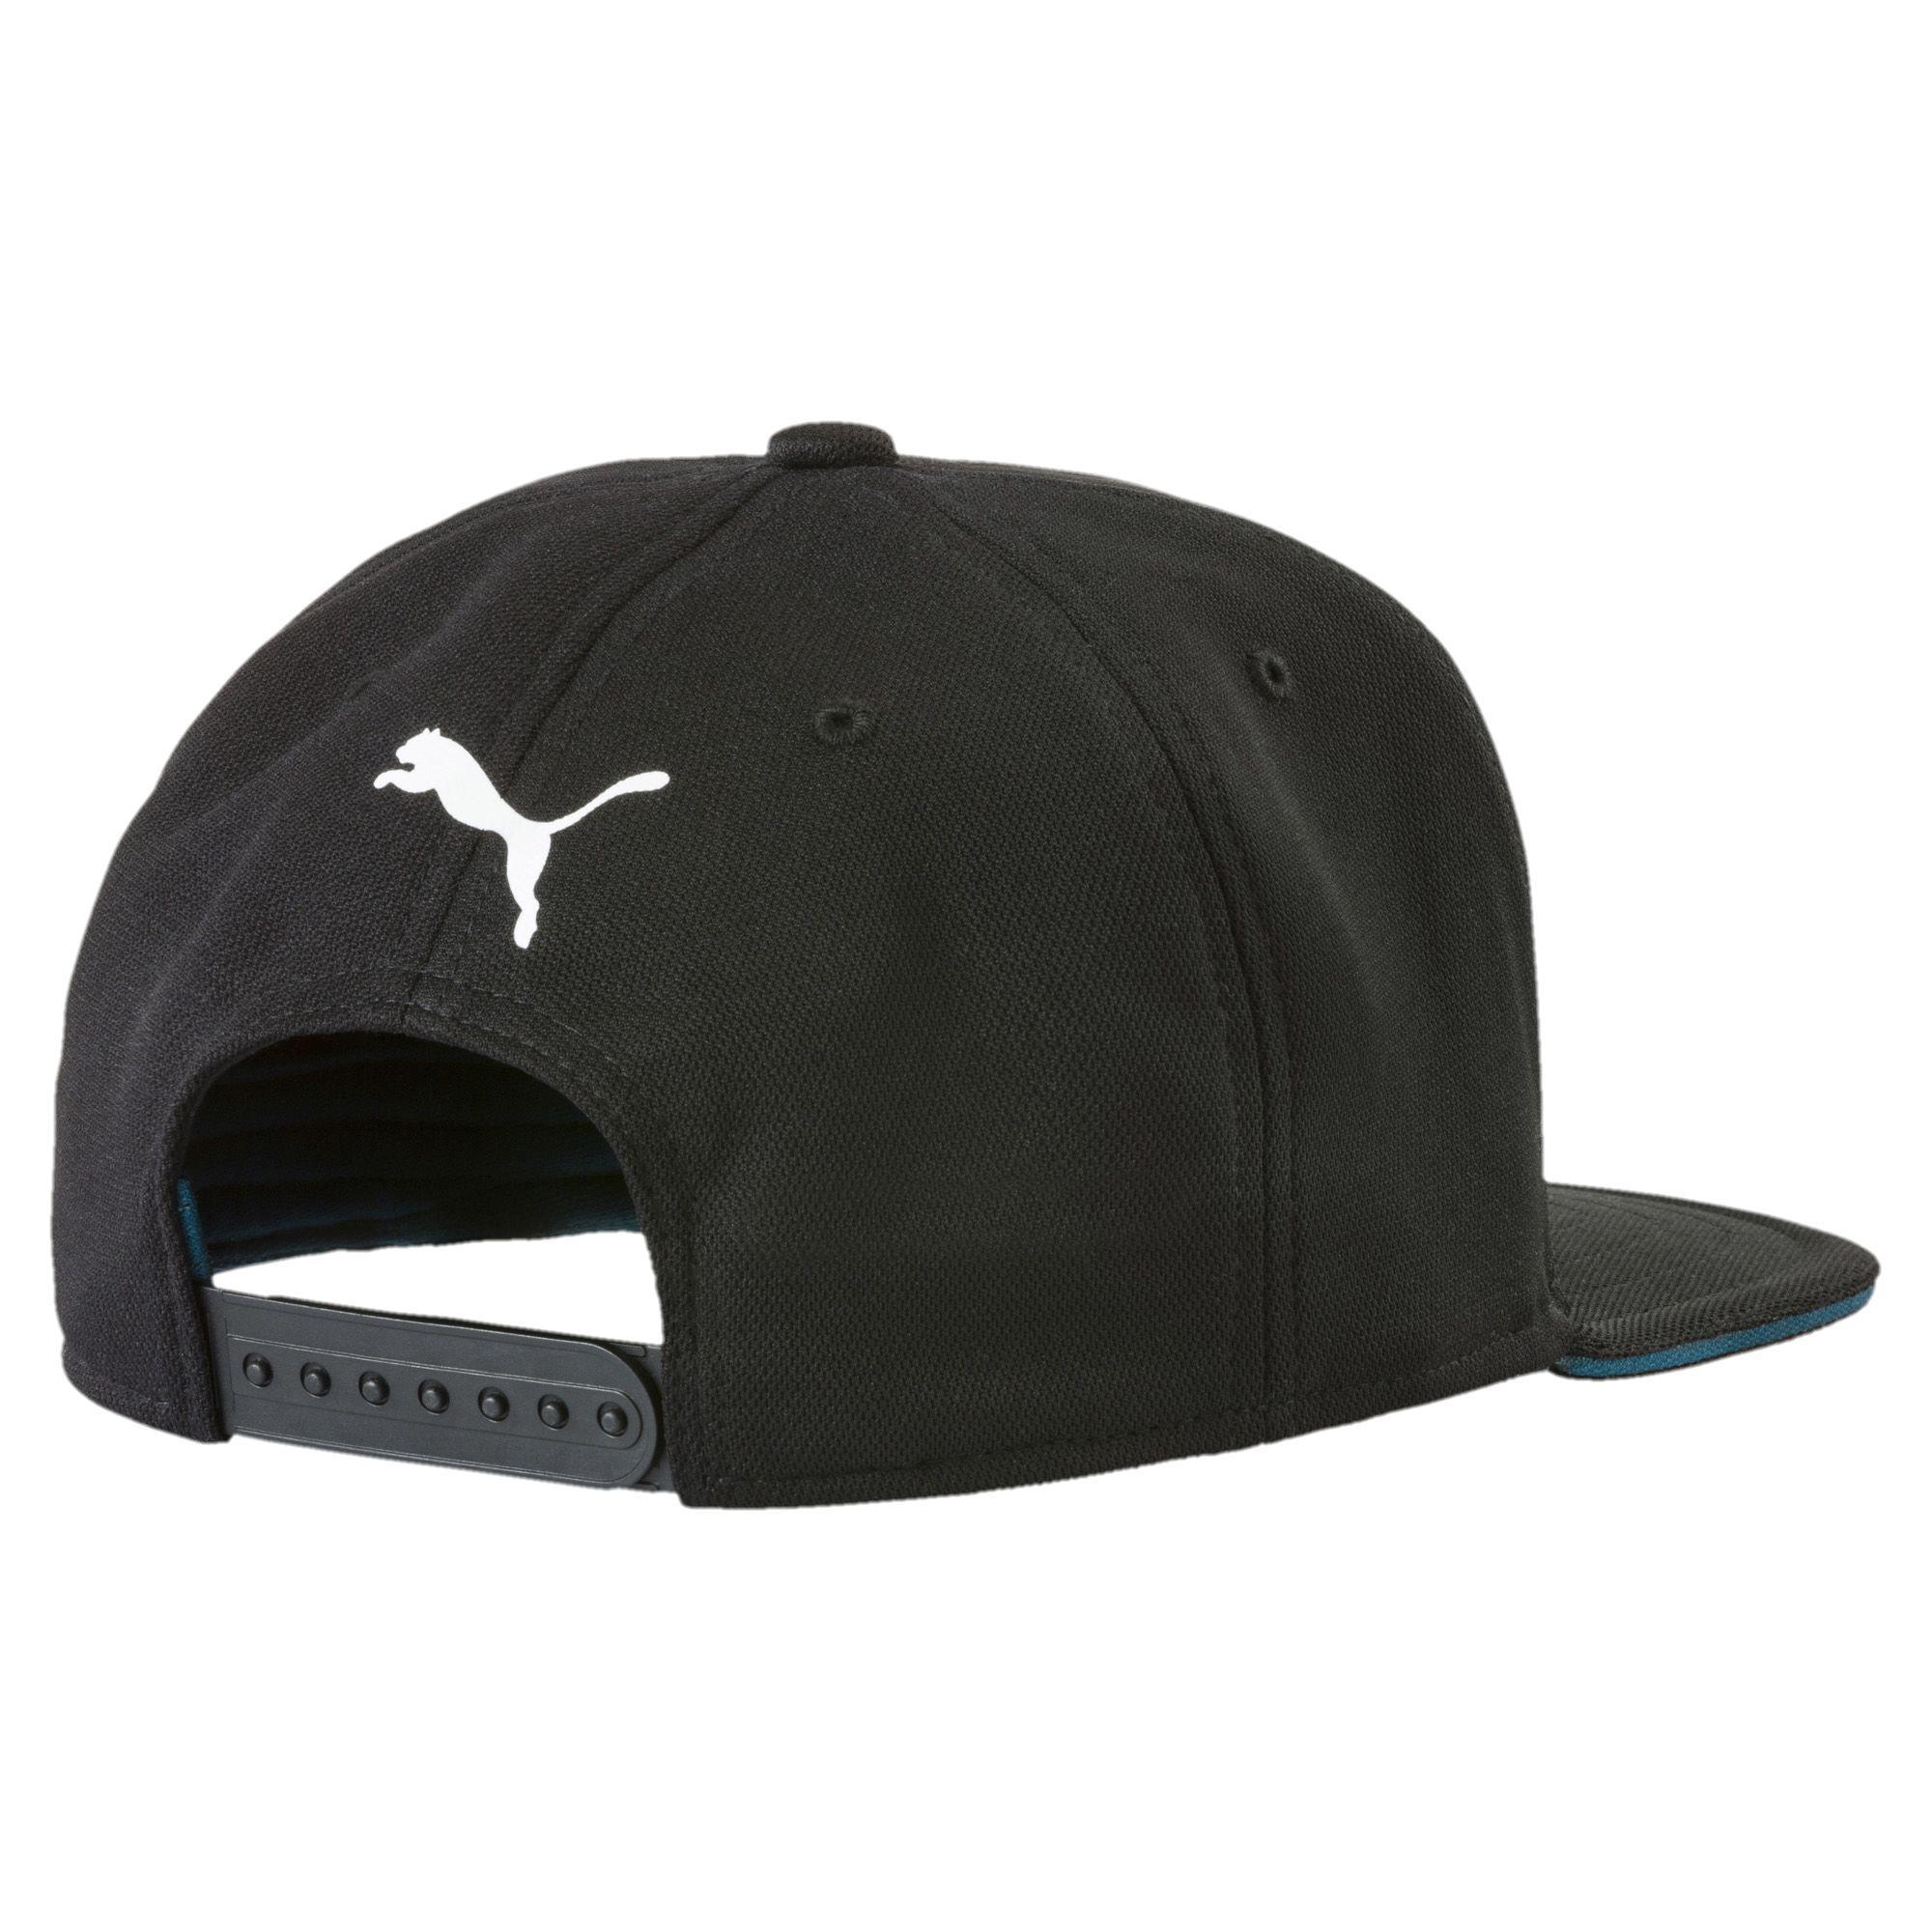 Lyst - PUMA Mercedes Amg Petronas Motorsport Flatbrim Hat in Black ... 51c41daee34a